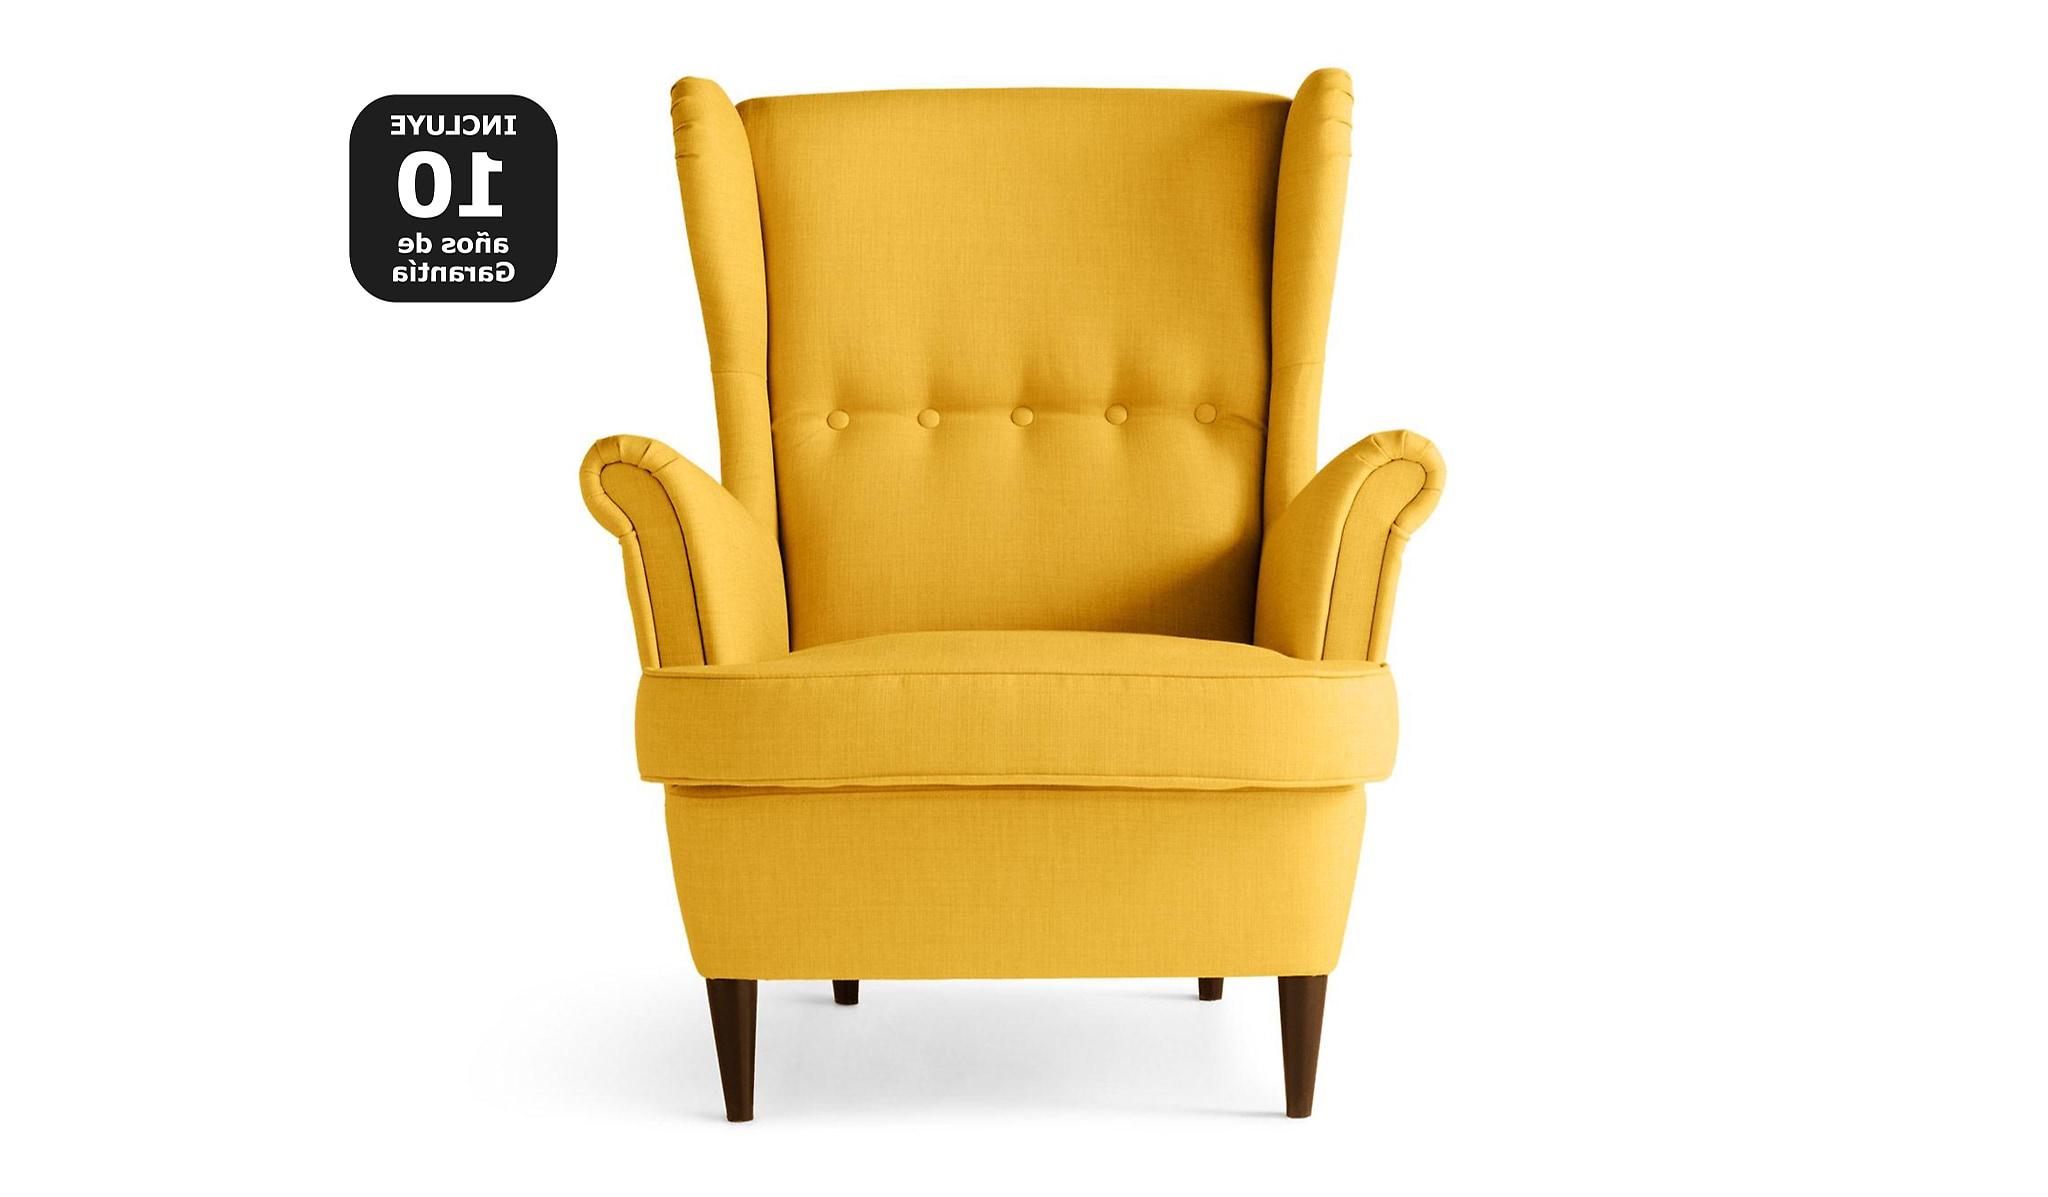 Sillon Dormitorio Ikea Mndw Sillones CÃ Modos Y De Calidad Pra Online Ikea